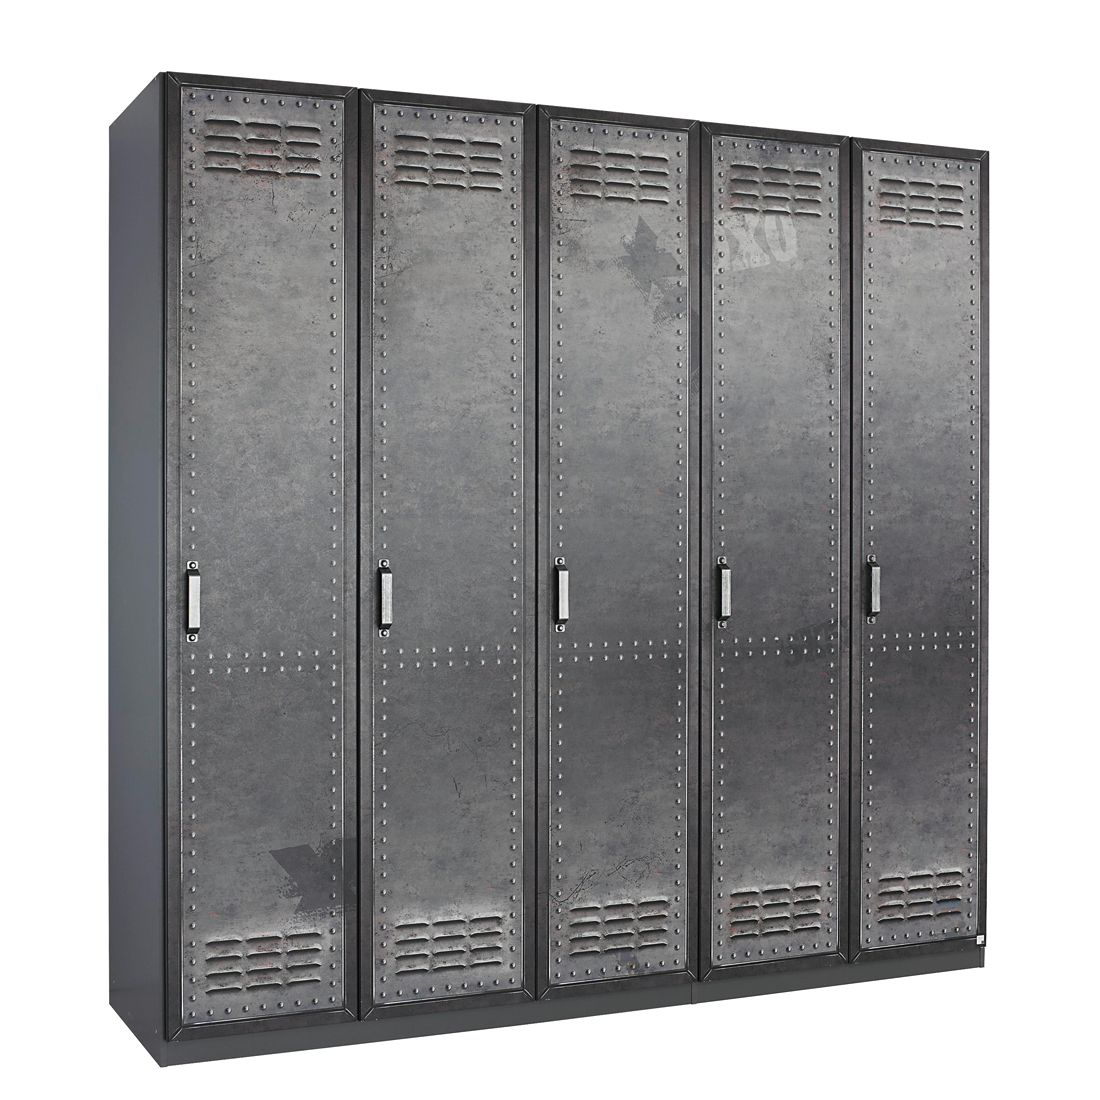 Armoire à portes battantes Workbase - Aspect imprimé industriel / Gris graphite - 95 cm (2 portes) -